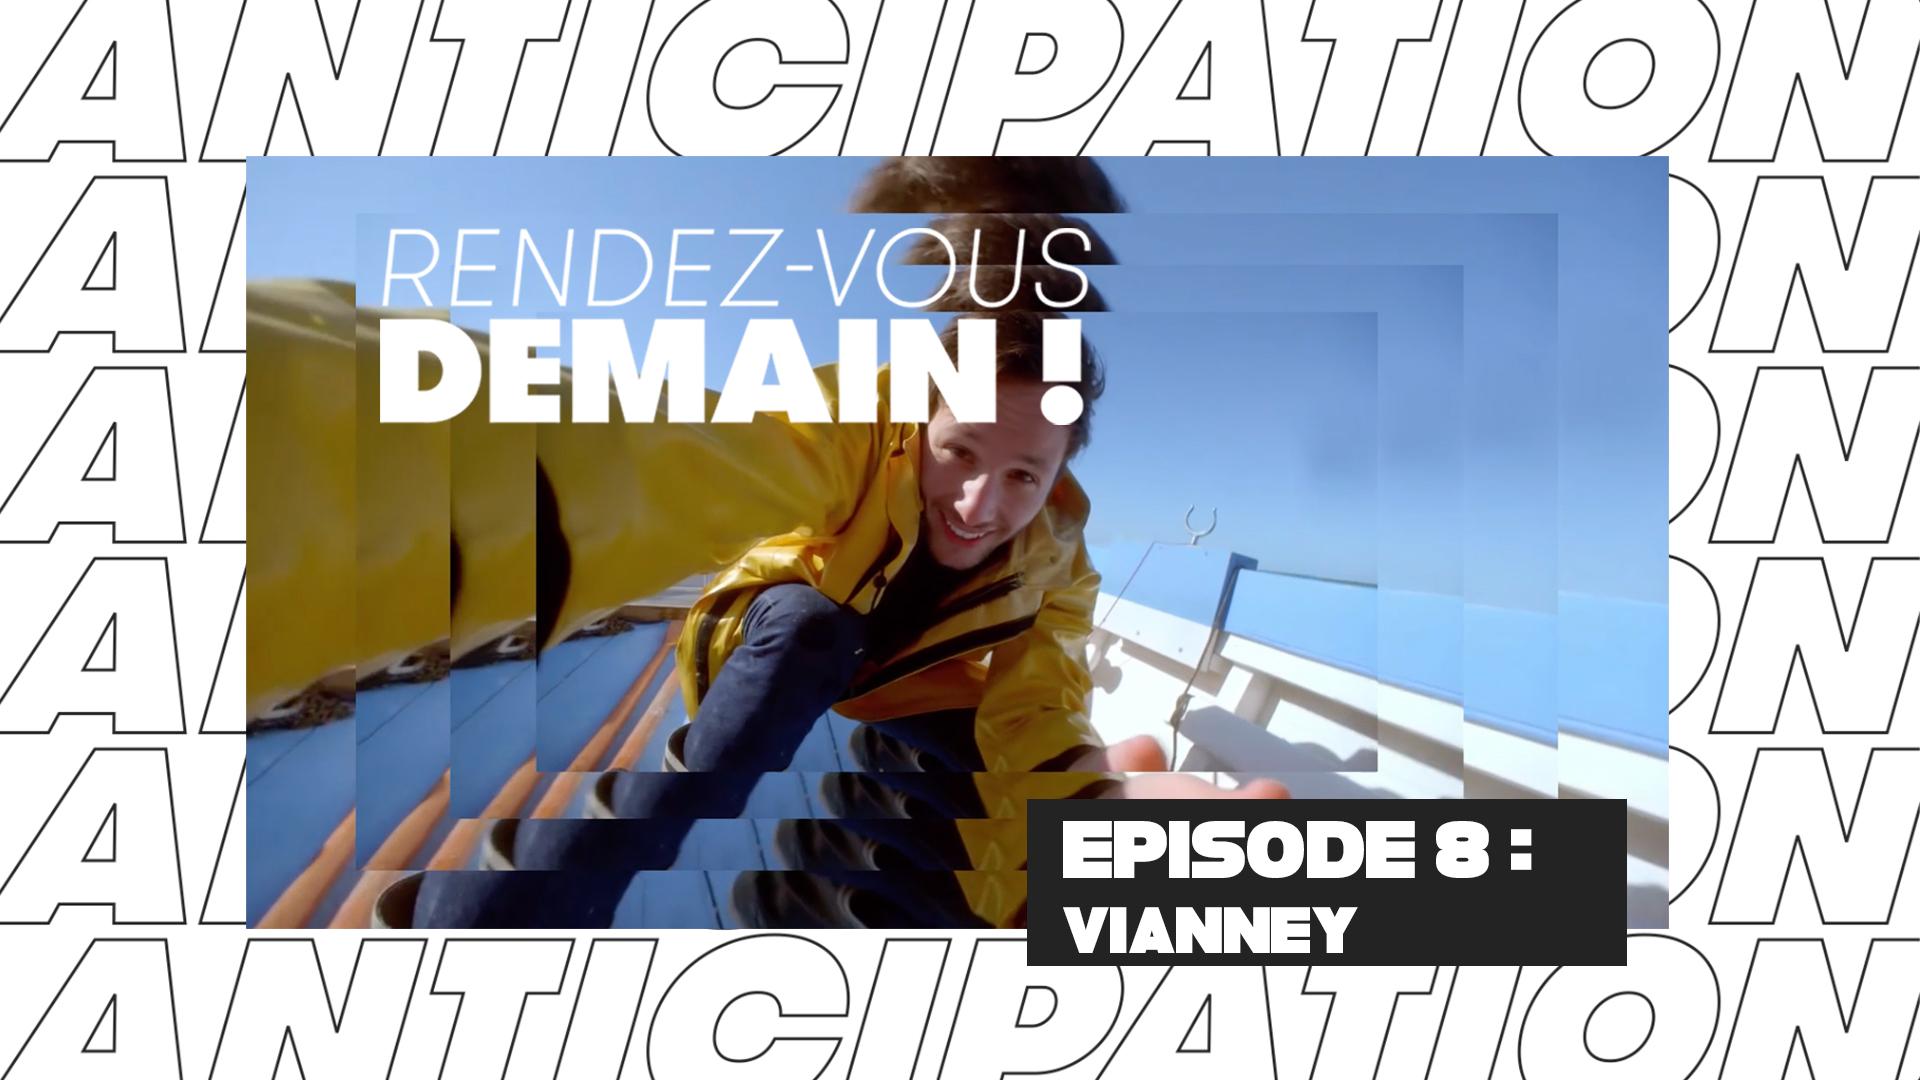 RENDEZ-VOUS DEMAIN ! - Vianney